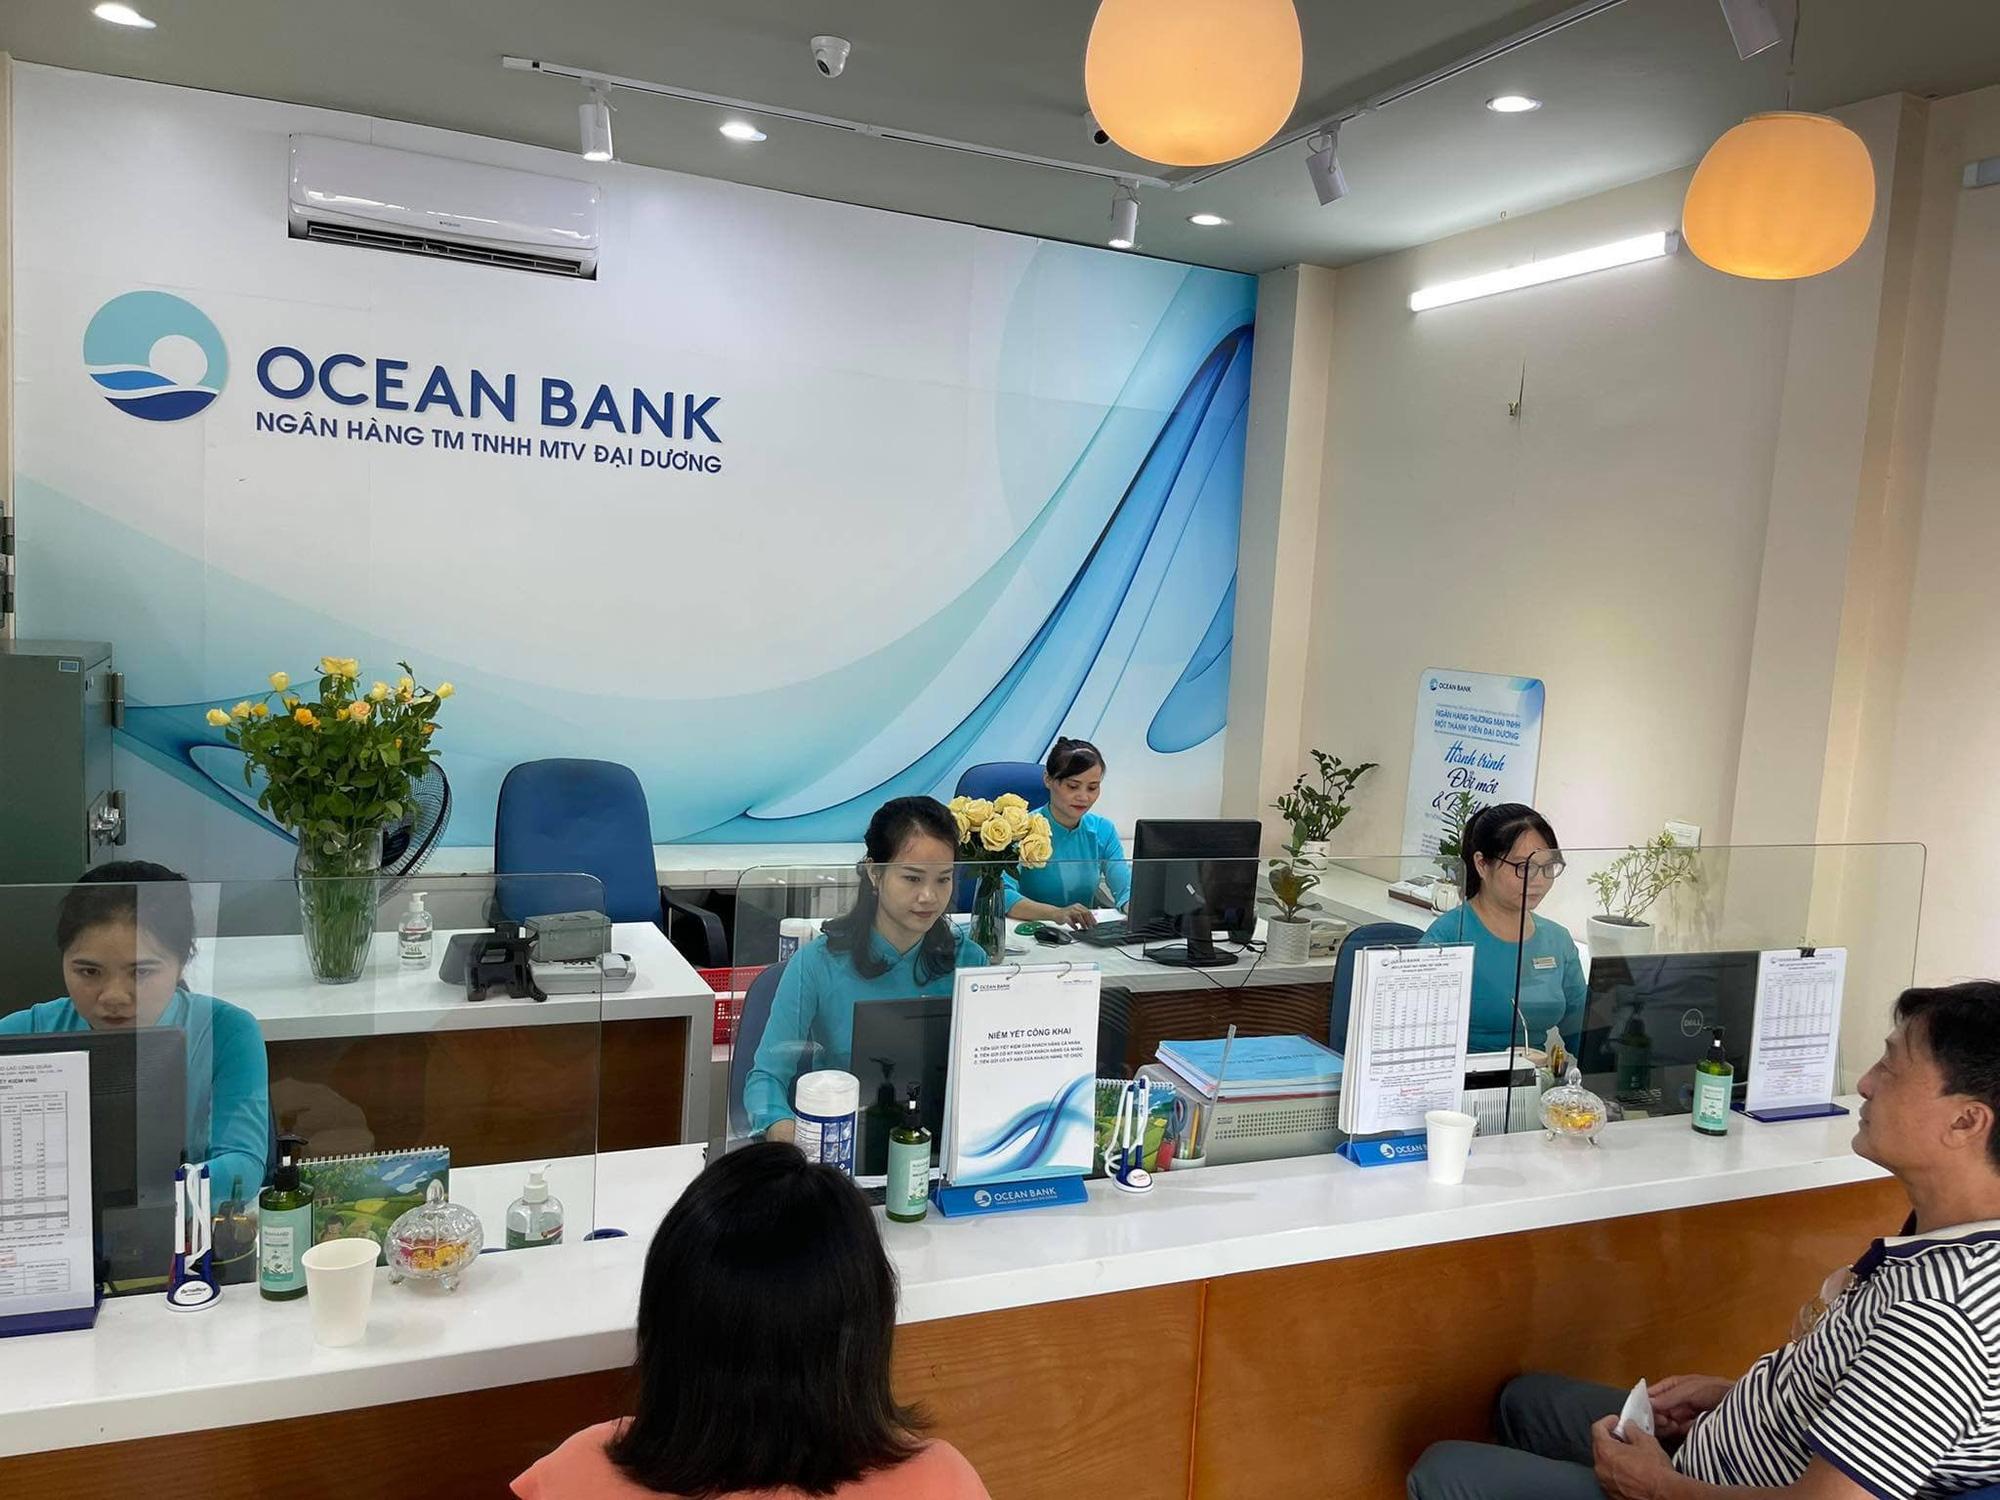 Lãi suất ngân hàng OceanBank cập nhật tháng 8/2021 - Ảnh 1.